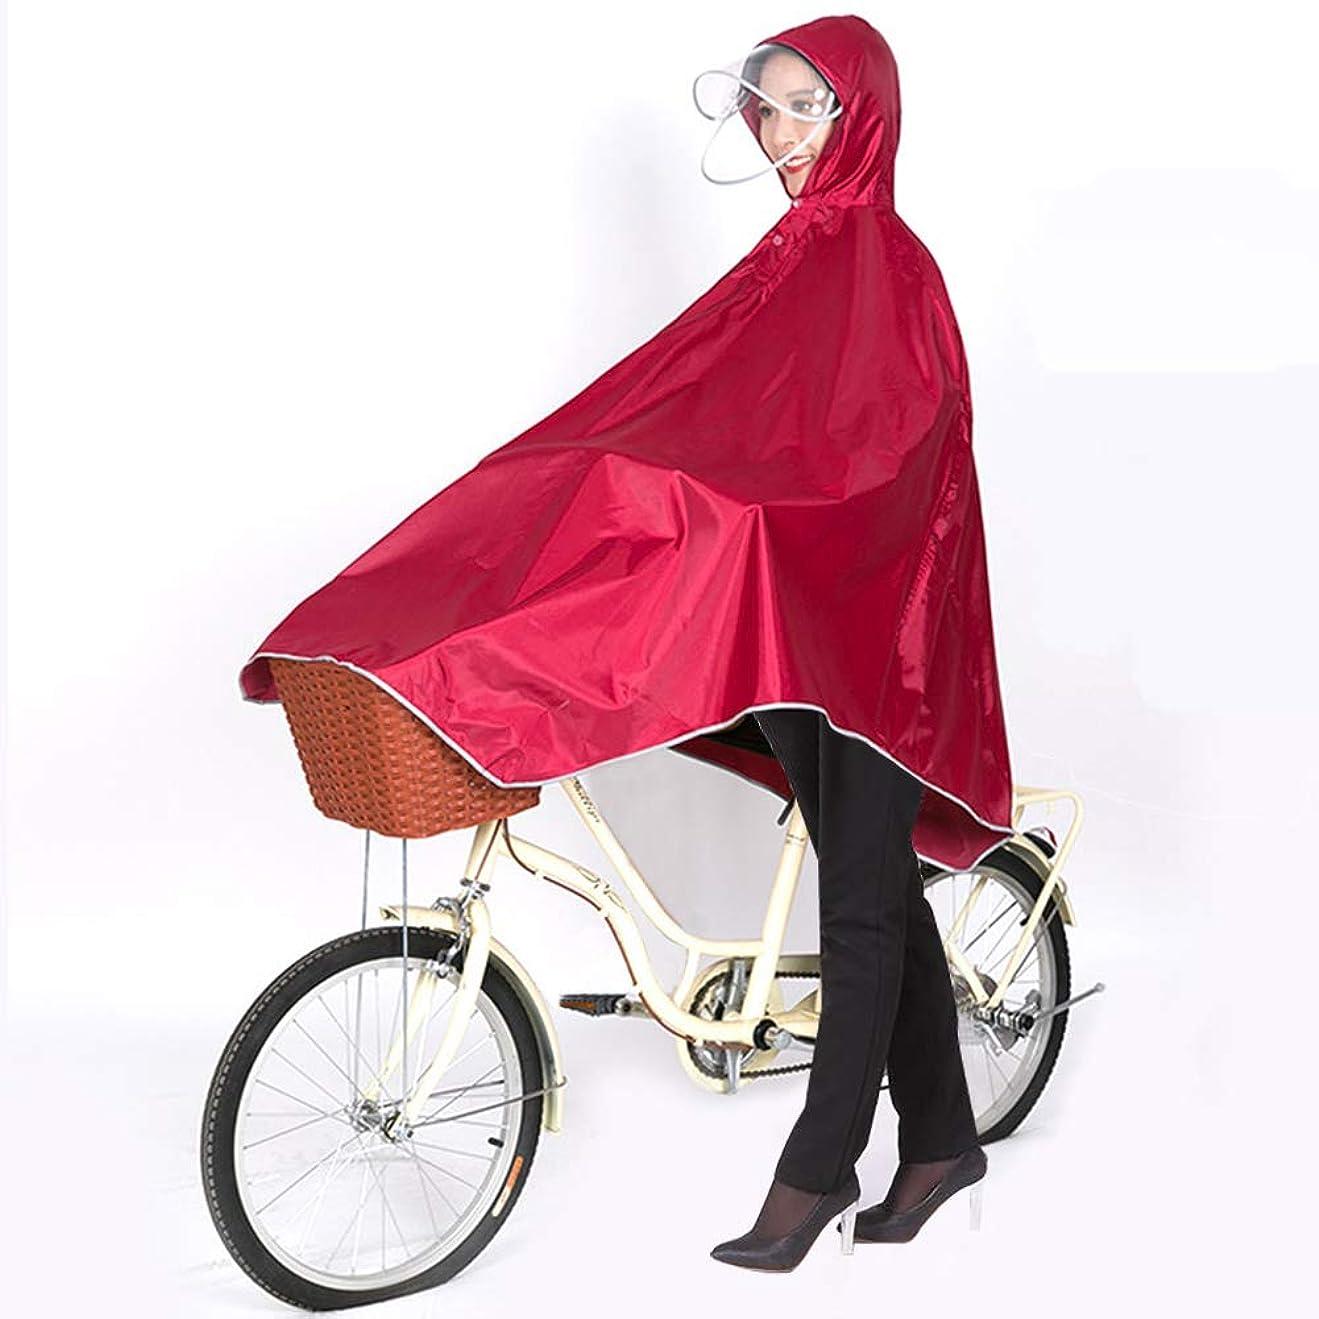 核すべて海軍zanyeing レインコート ポンチョ 男女兼用 レインウェア 自転車 雨具 ロング レインスーツ 大きいサイズ 帽子 リュック対応体重 バイク レインコート アウトドア 防水 軽量 通学 通勤に対応 フリーサイズ